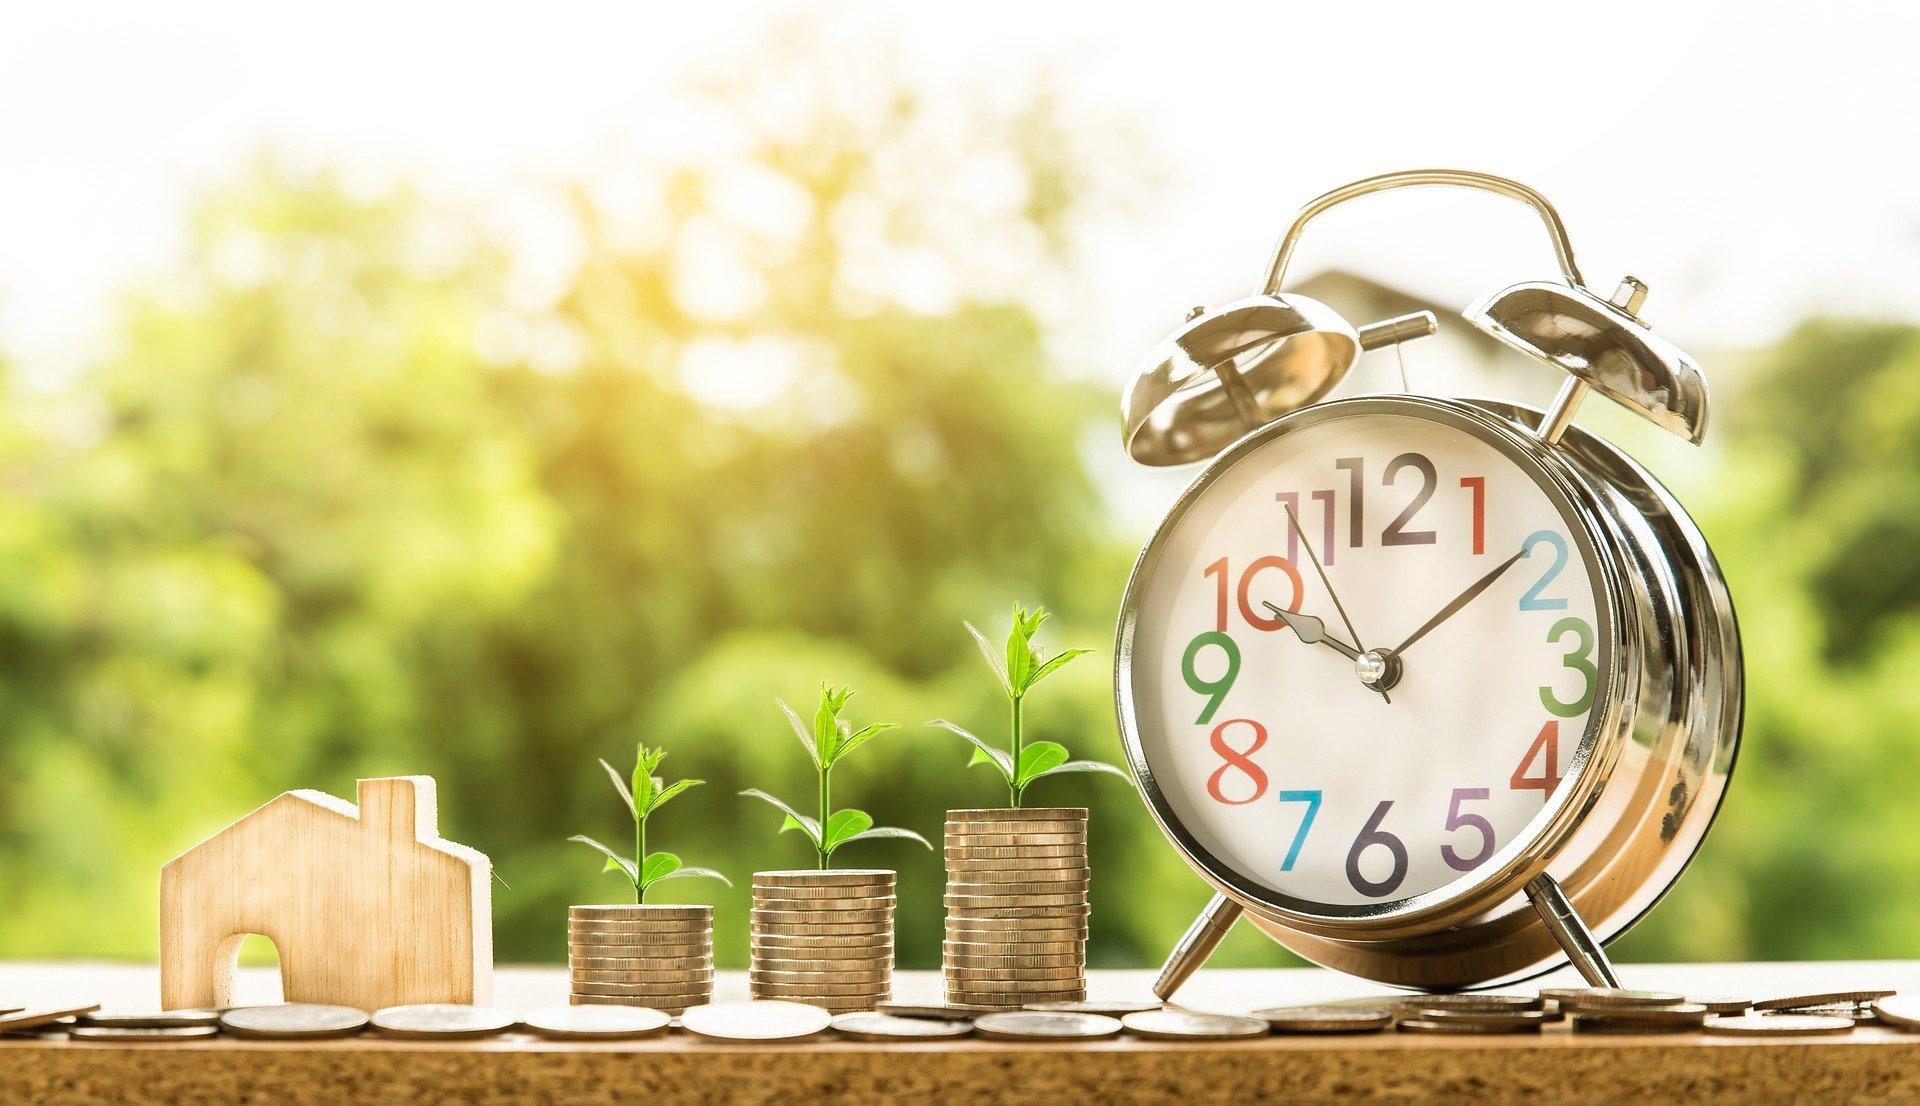 Mjere za pomoć gospodarstvu: od danas dostupan zahtjev za ožujak